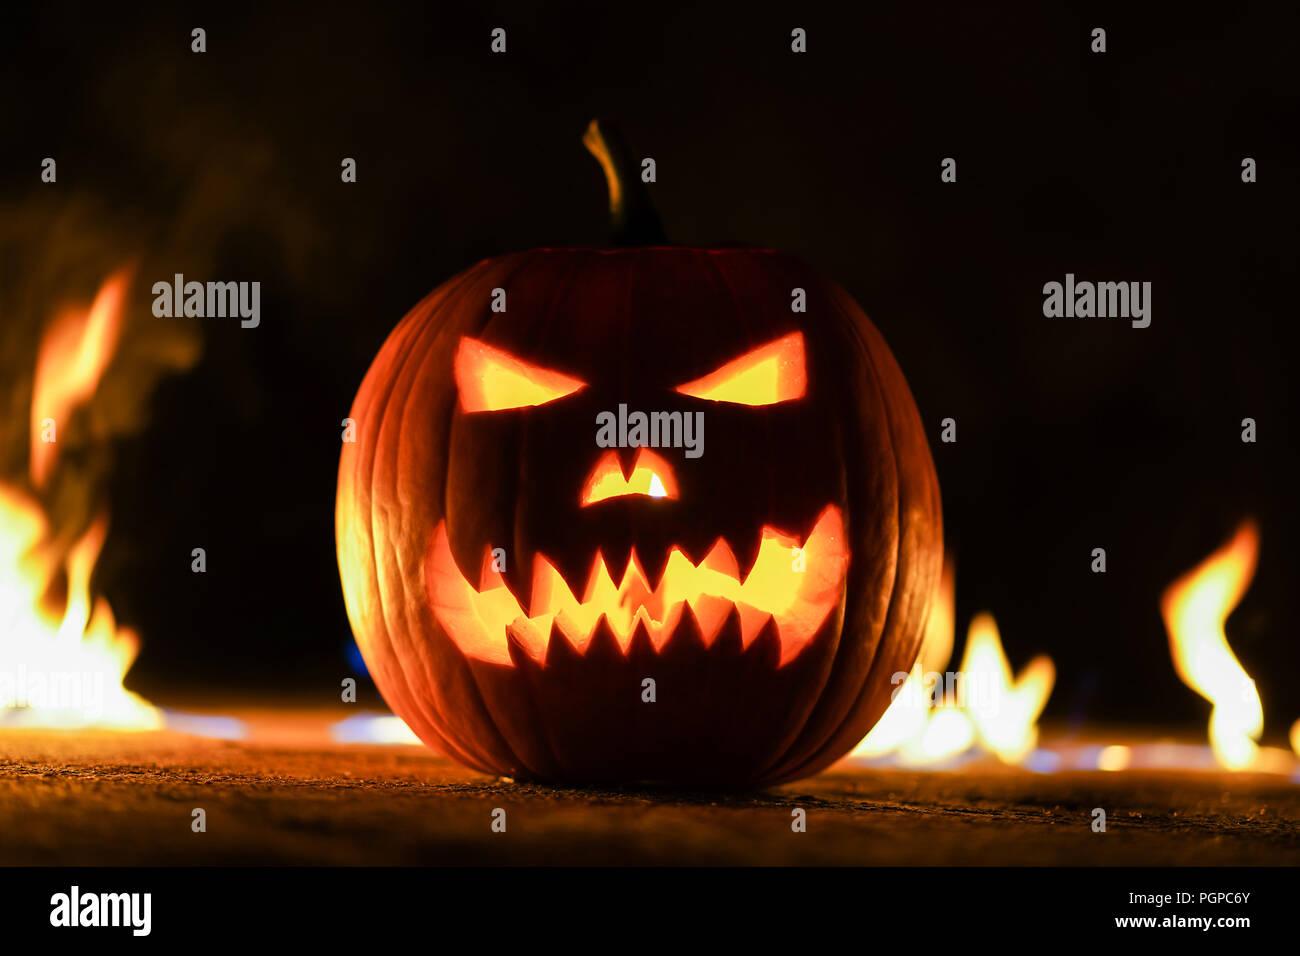 Zucche Di Halloween Terrificanti.Simbolo Terrificante Di Halloween Jack O Lantern Scary Rotto La